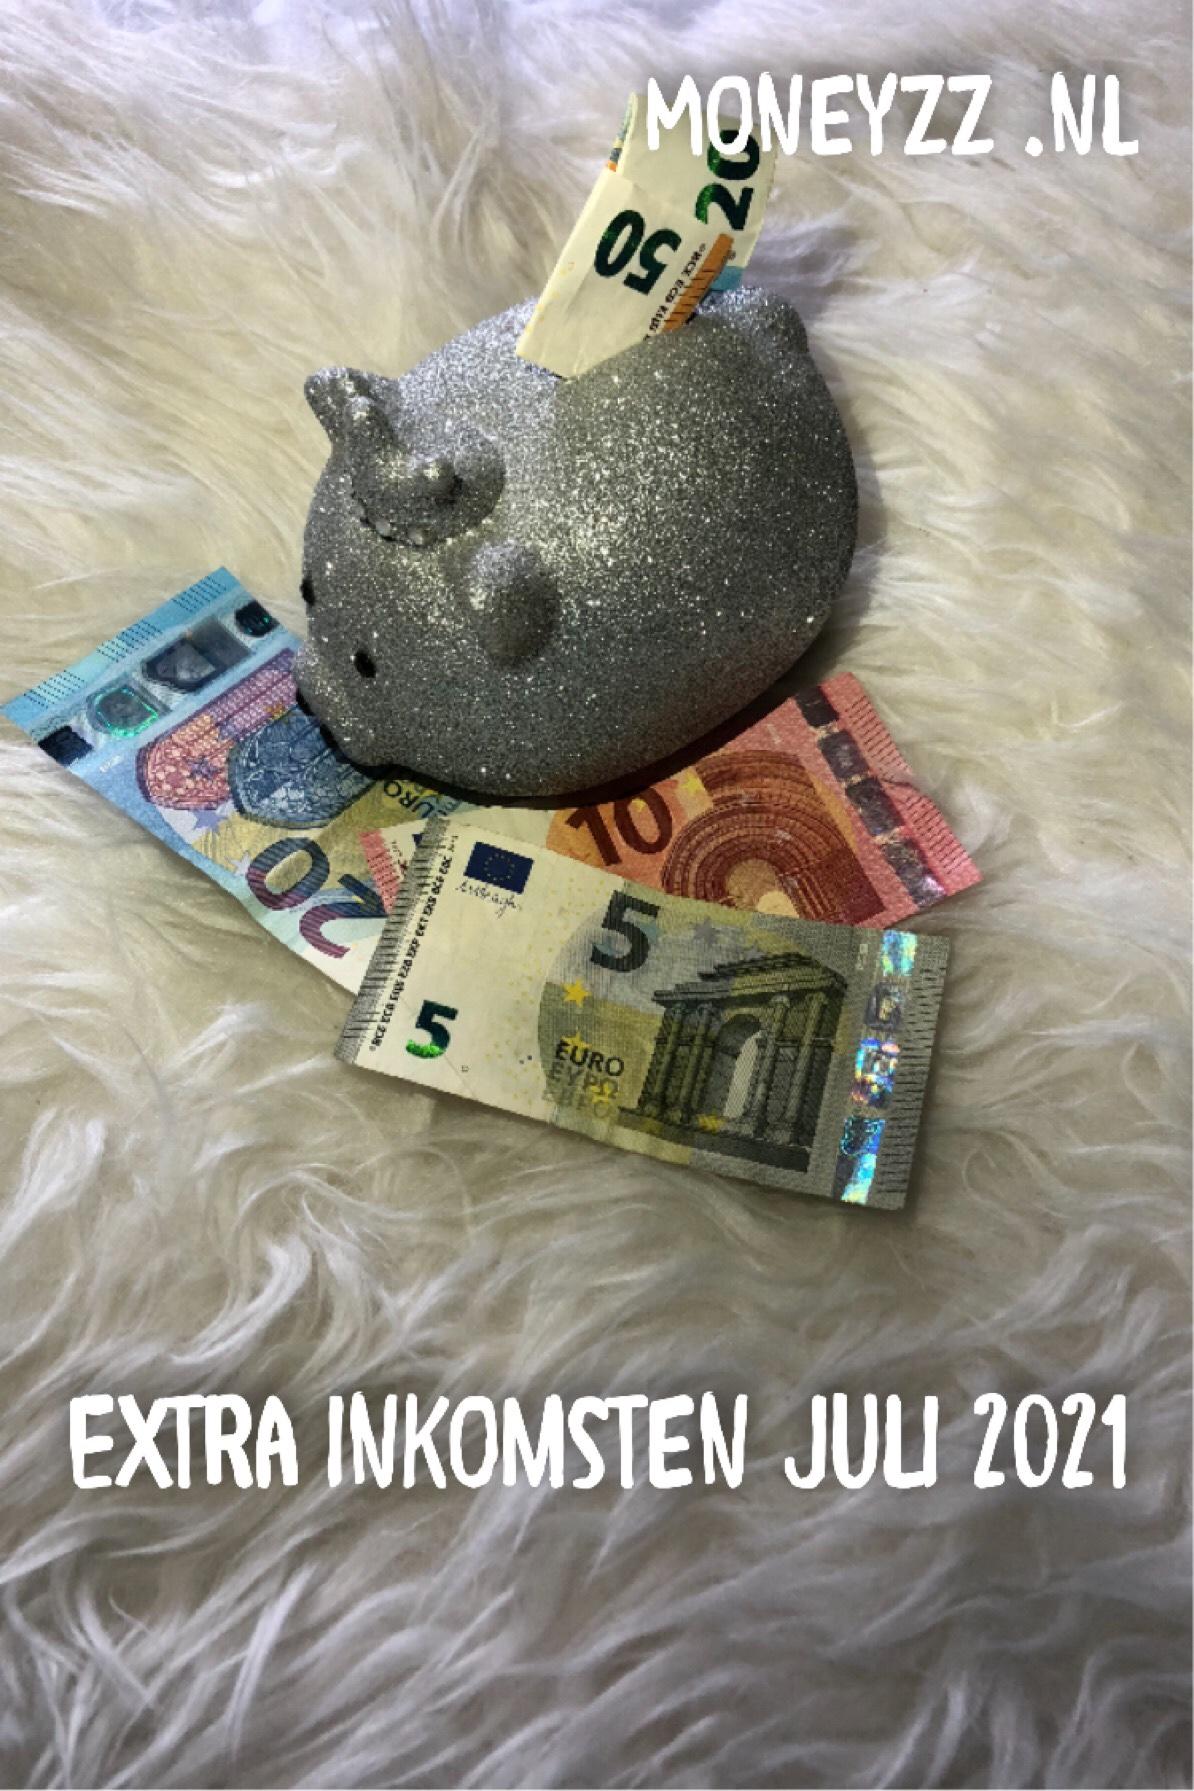 Extra inkomsten Juli 2021